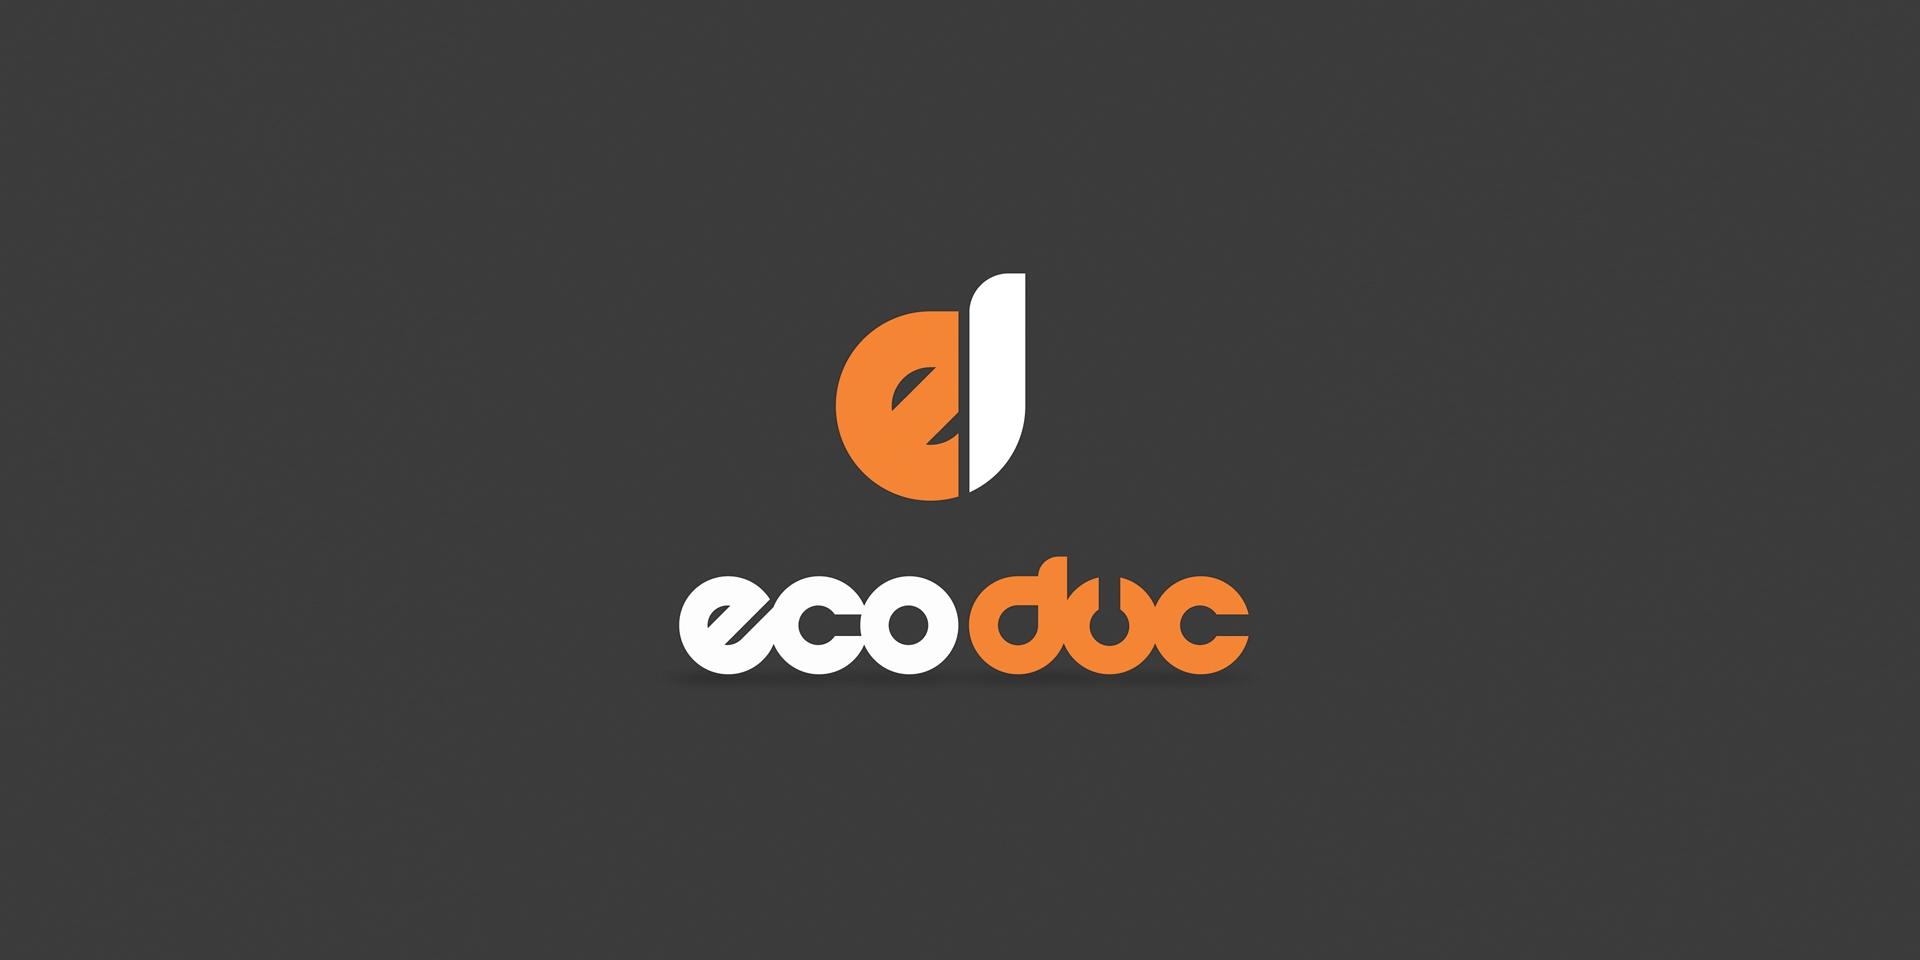 EcoDuc